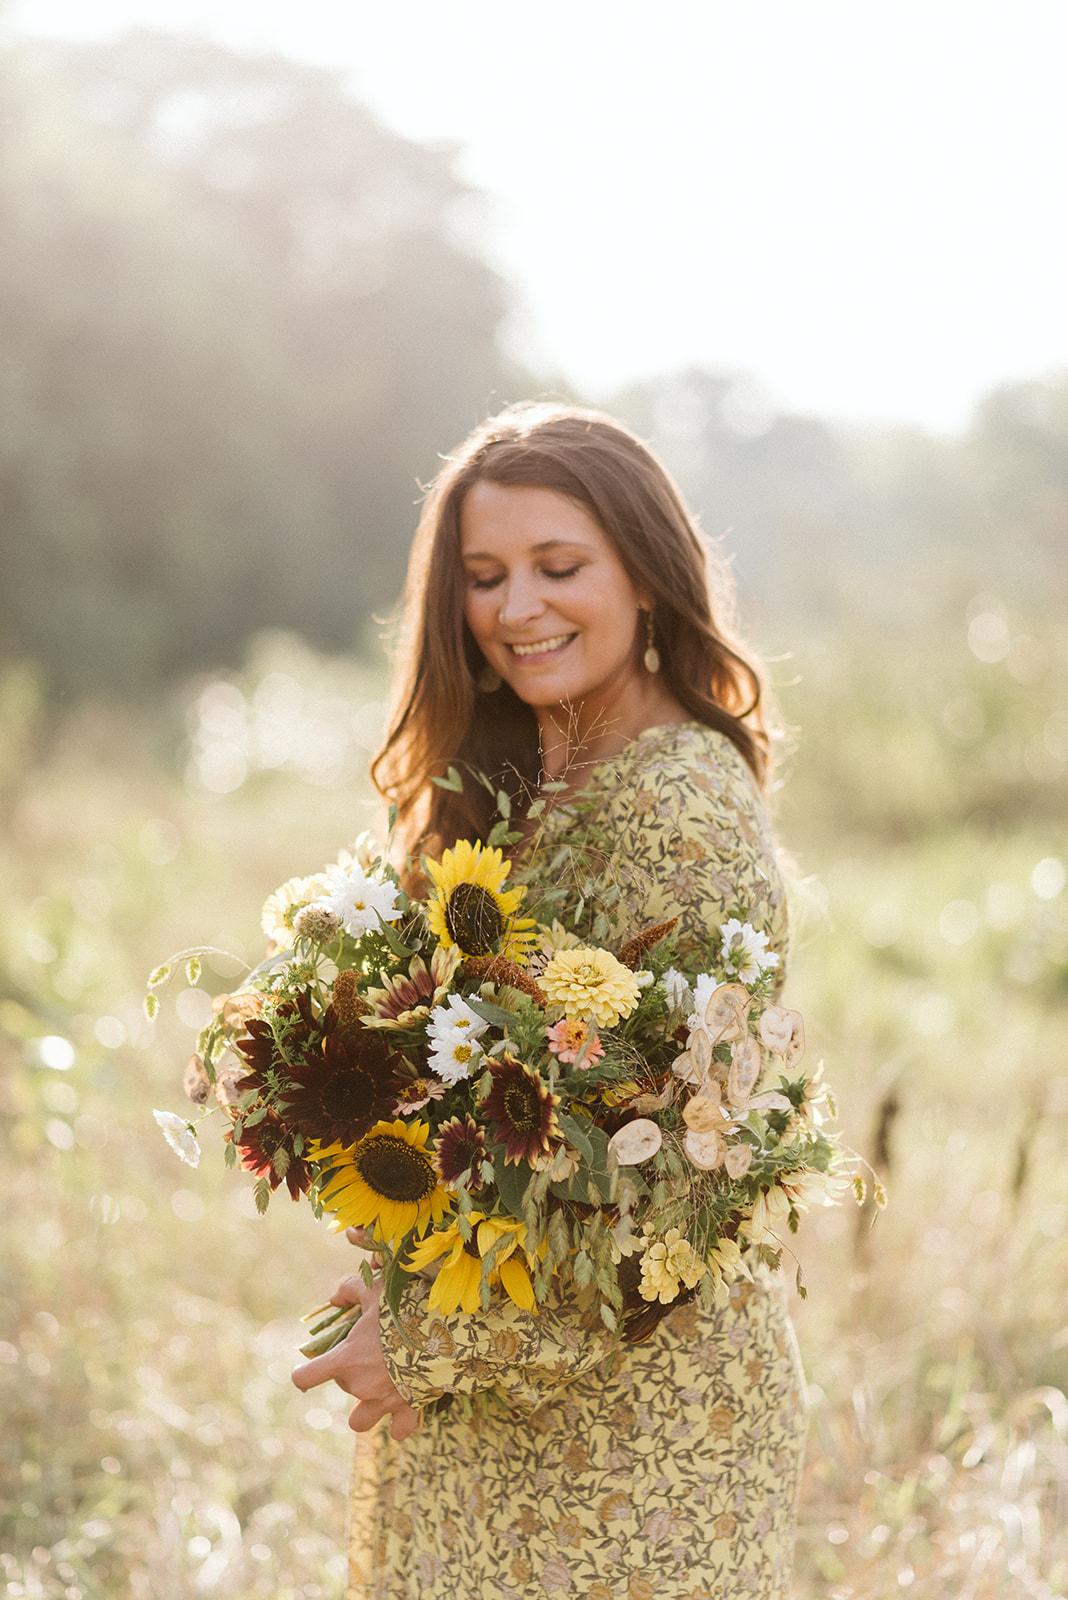 Hemlock_Hellebore_Sunflowers-7.jpg